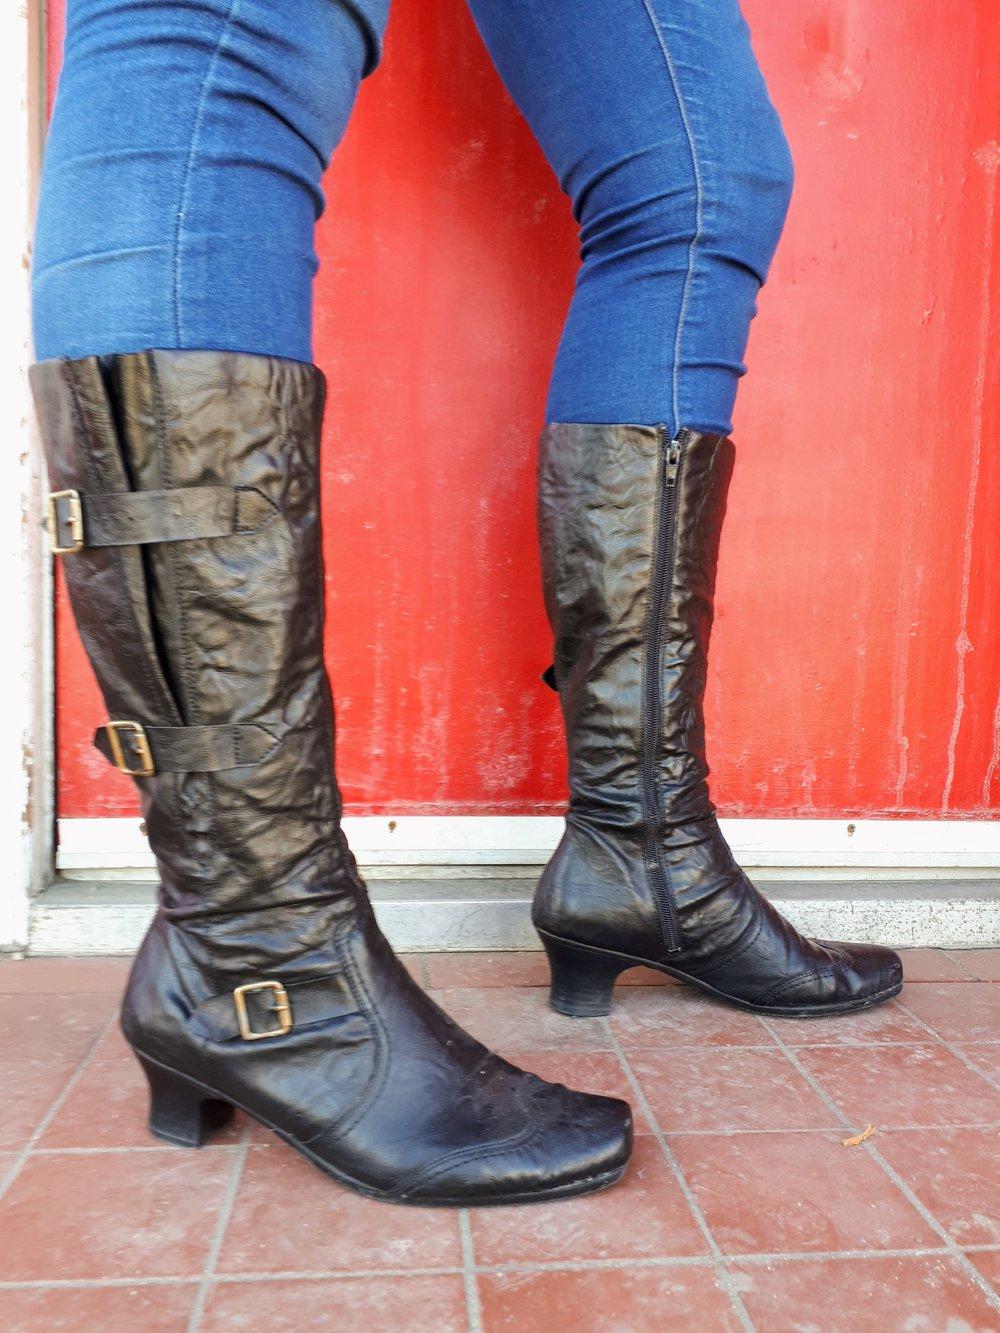 Reiker boots; S9, $45